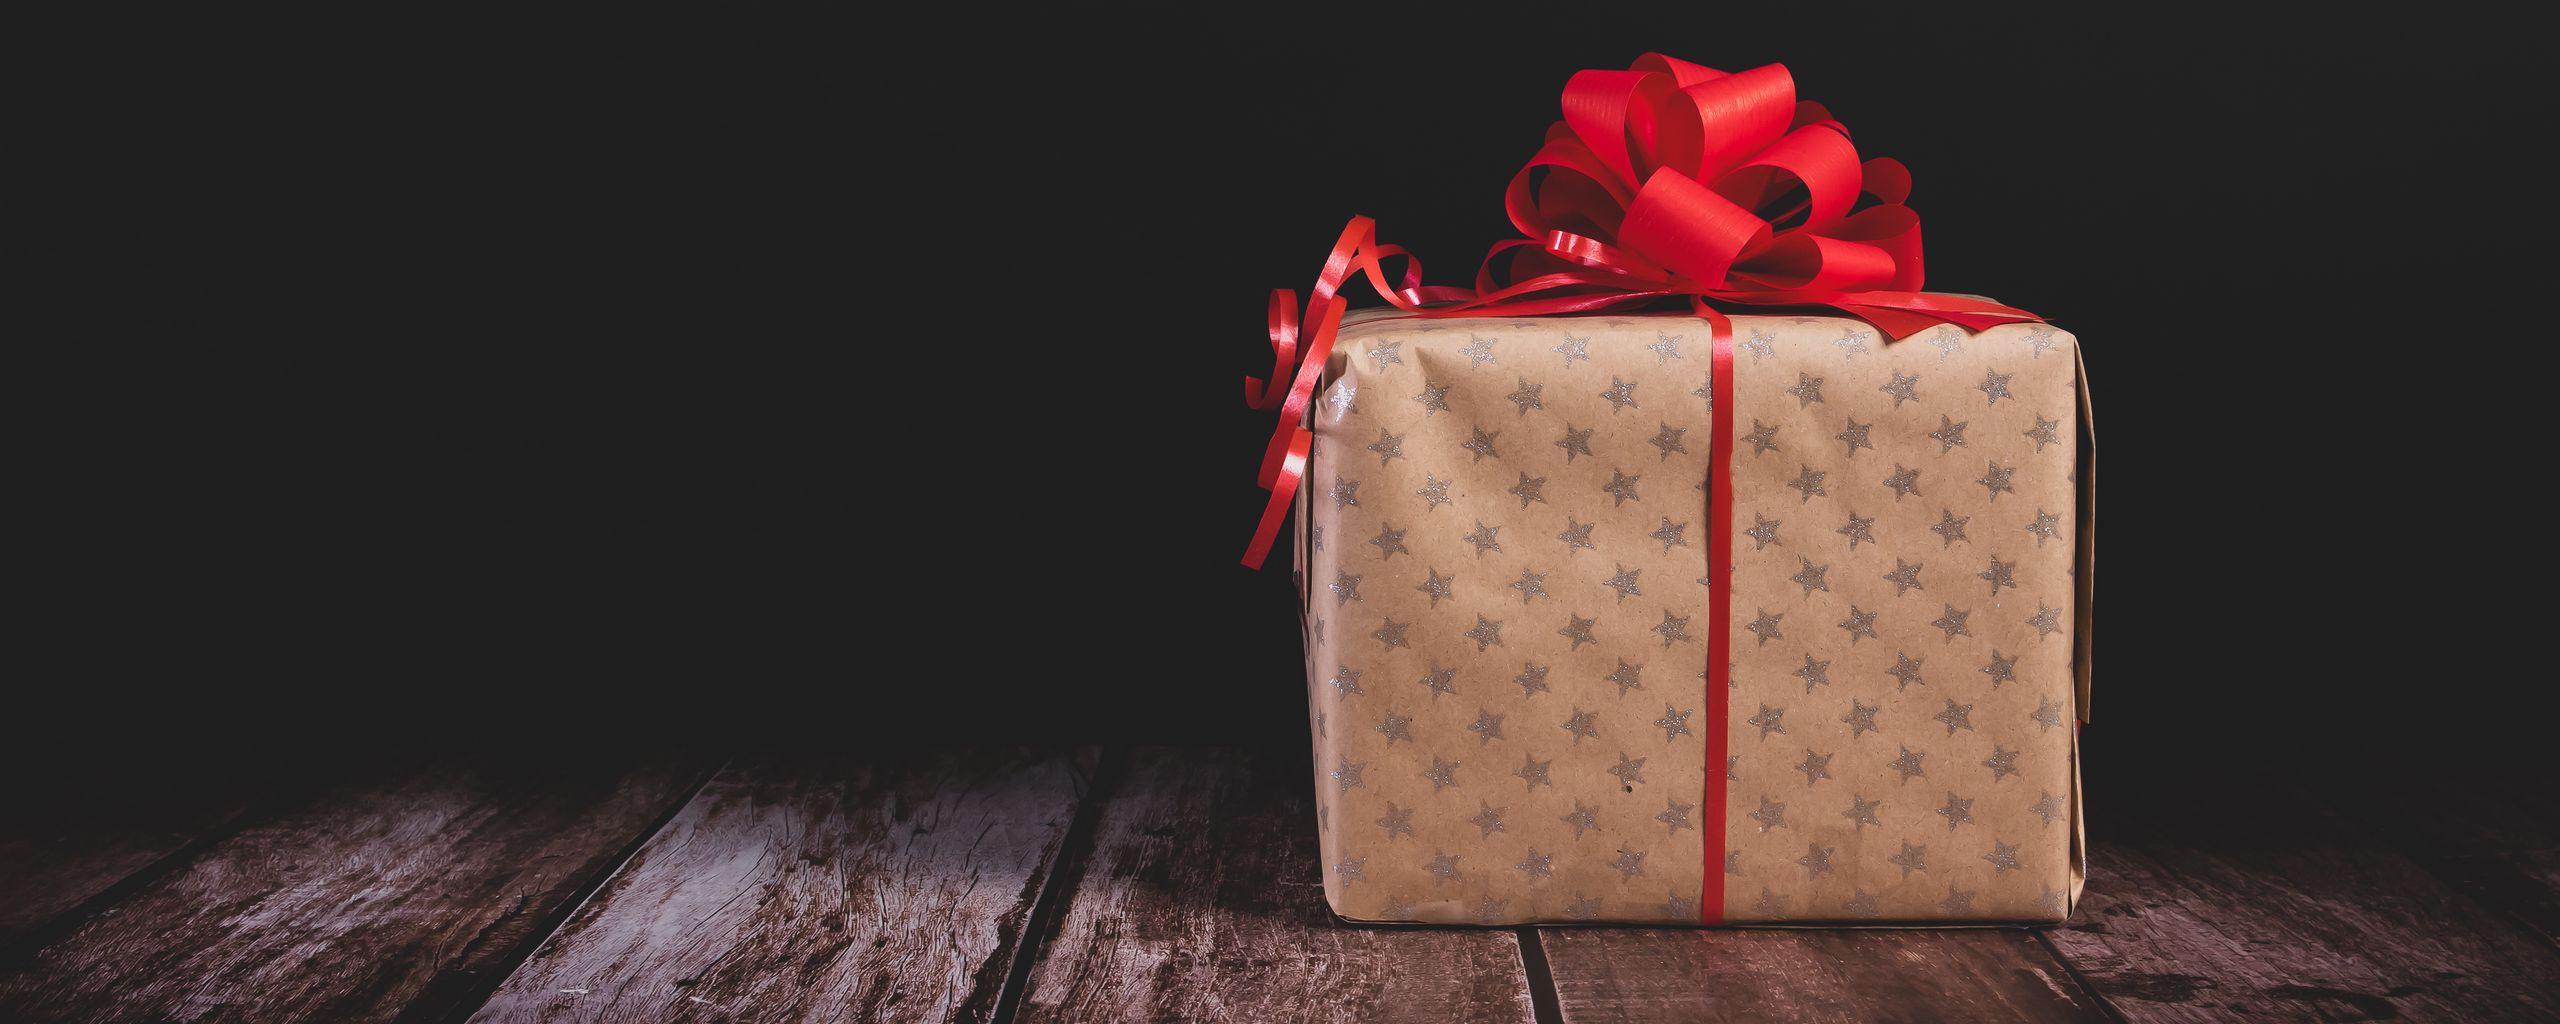 2560x1024 Wallpaper gift, box, bow, holiday